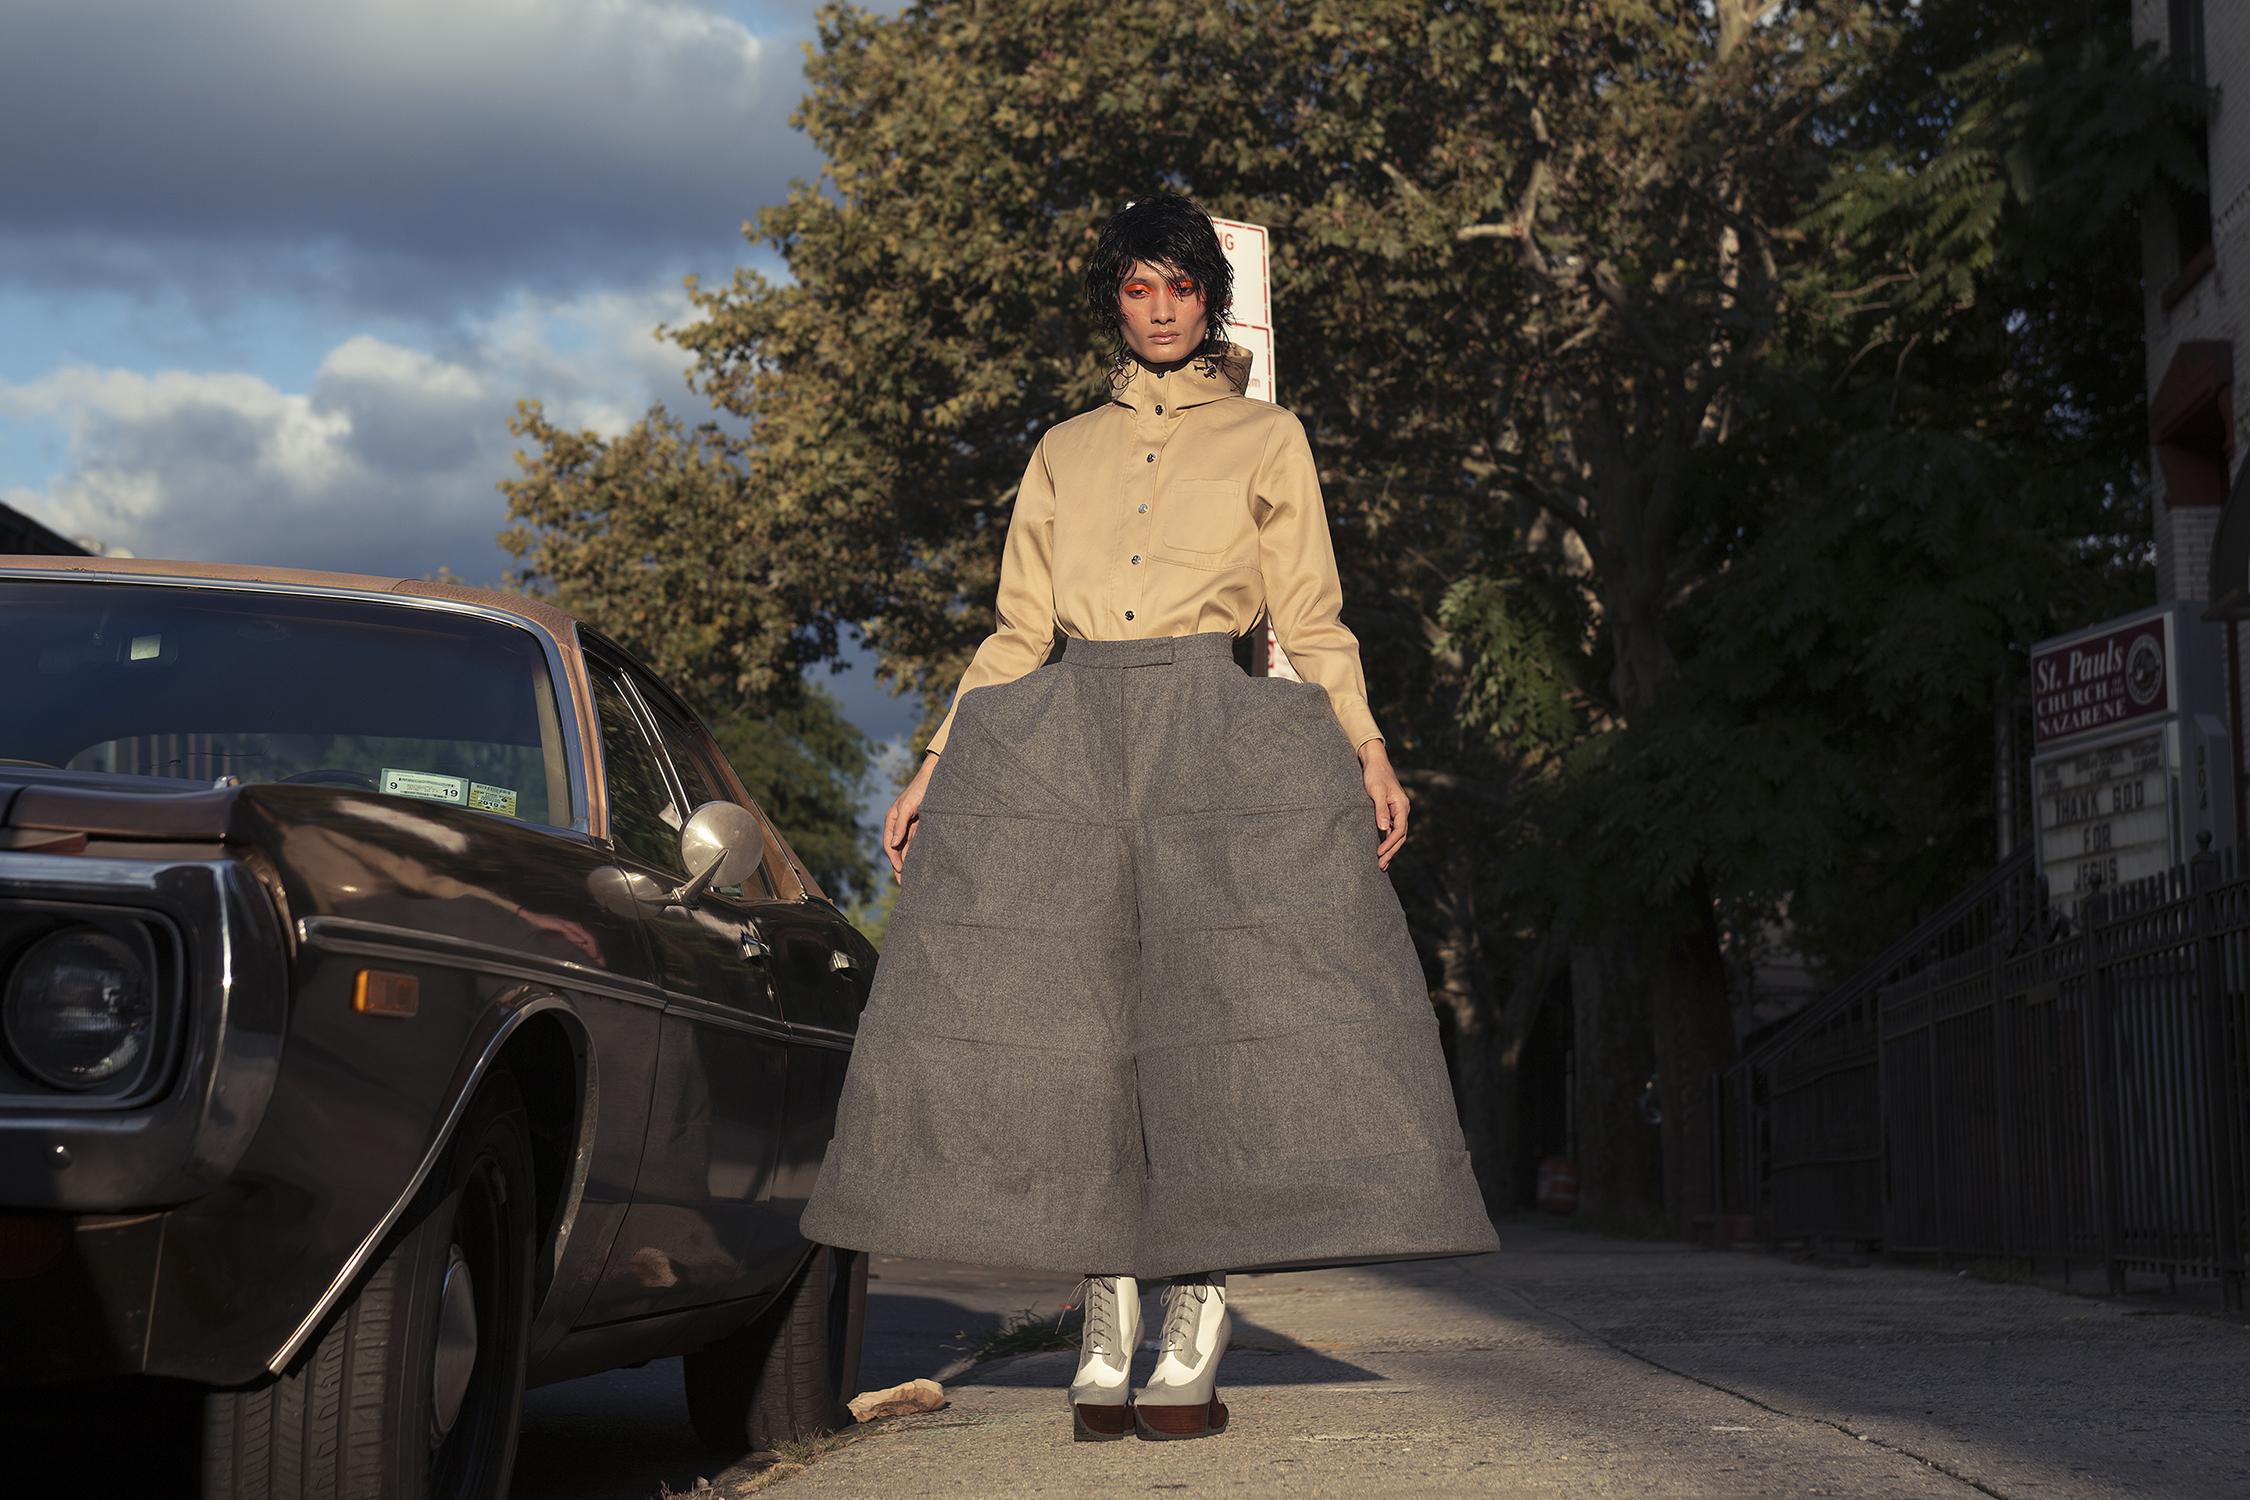 Pantalón de talle alto, camisa/falda y botines Thom Browne, todo de Saks Fifth Avenue.